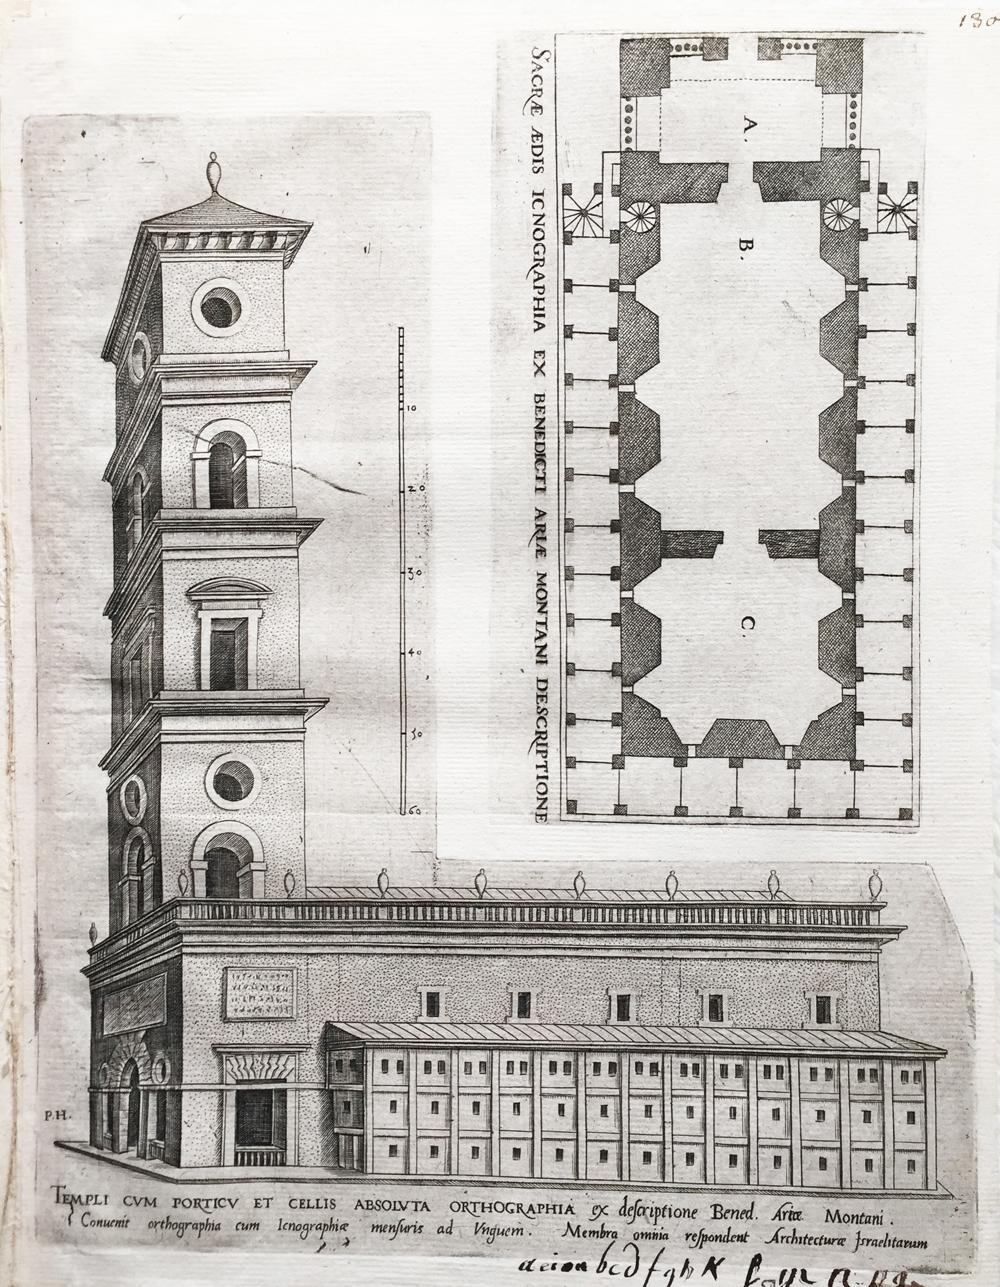 Sacrae aedis sciographiae pars. / Templi cum porticu et cellis absoluta orthographia (Accurate delineation of the Temple of Solomon)